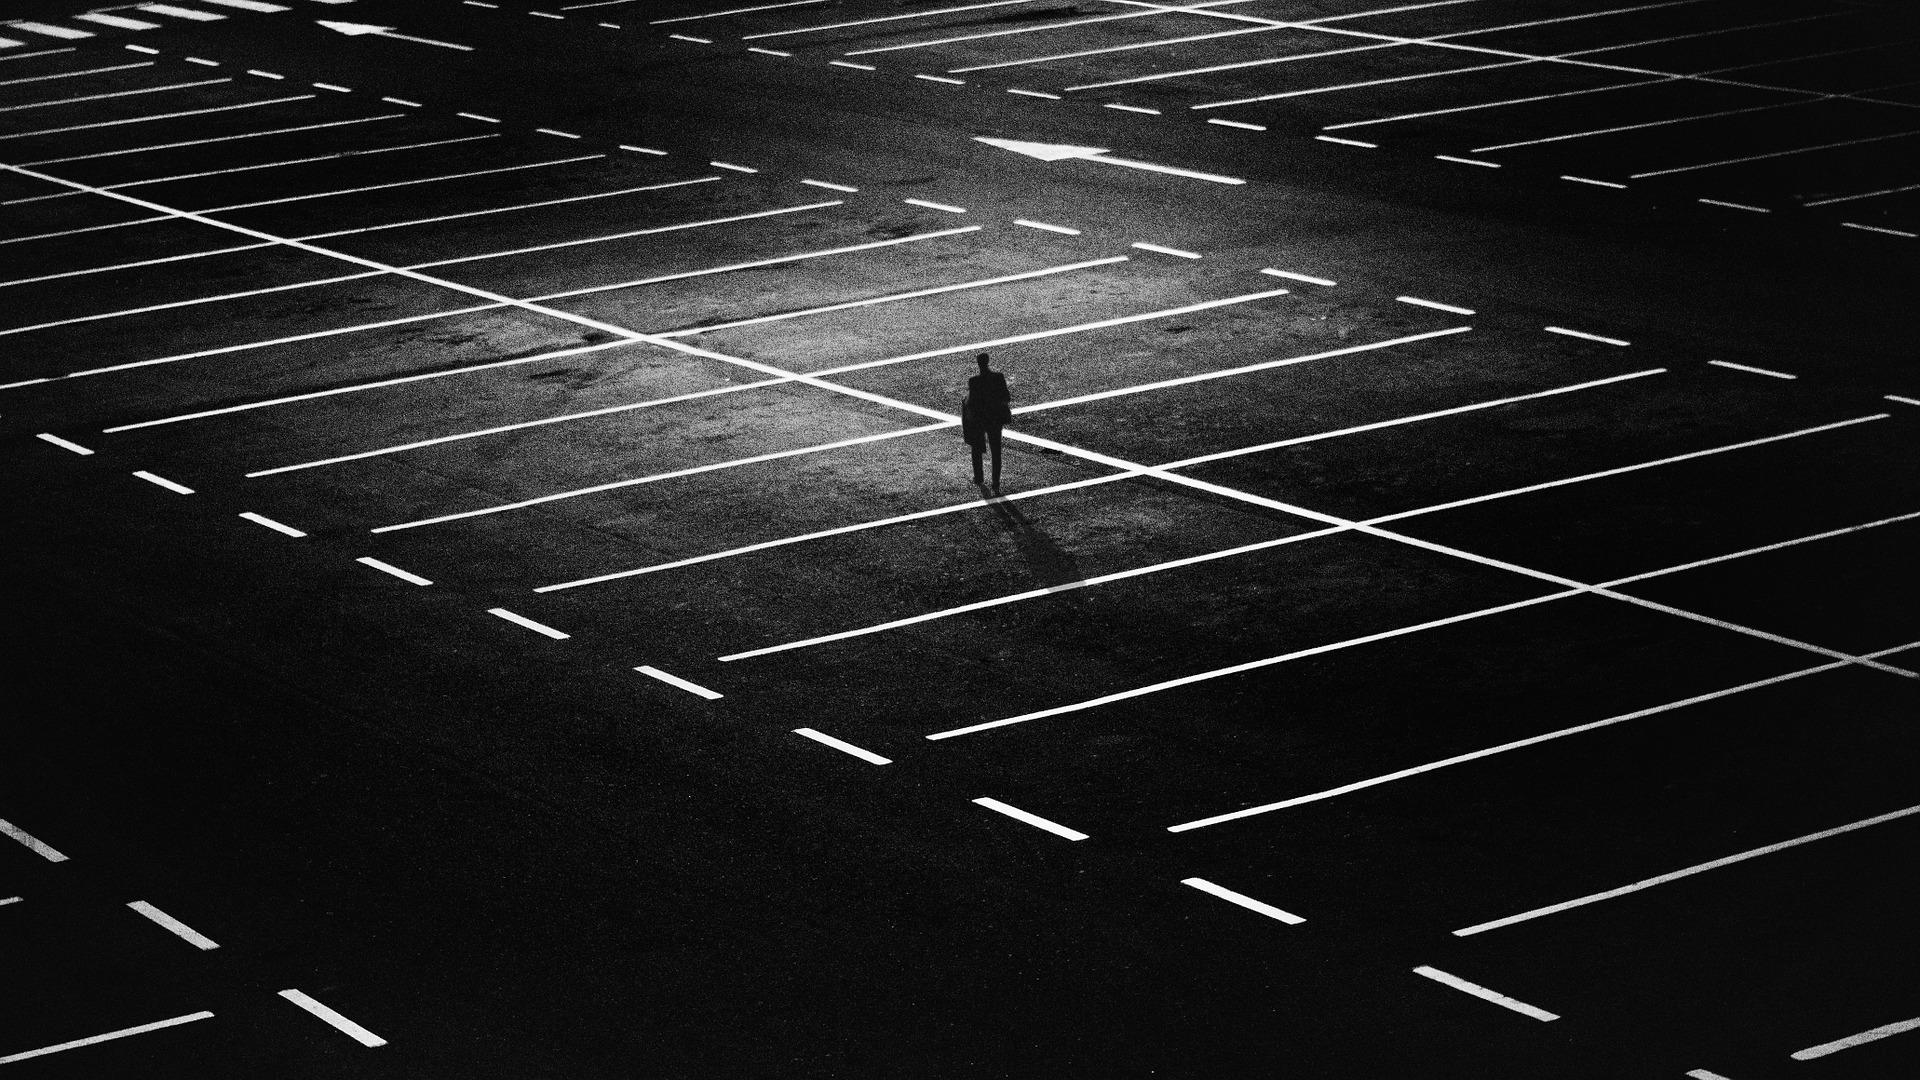 A large, empty parking lot